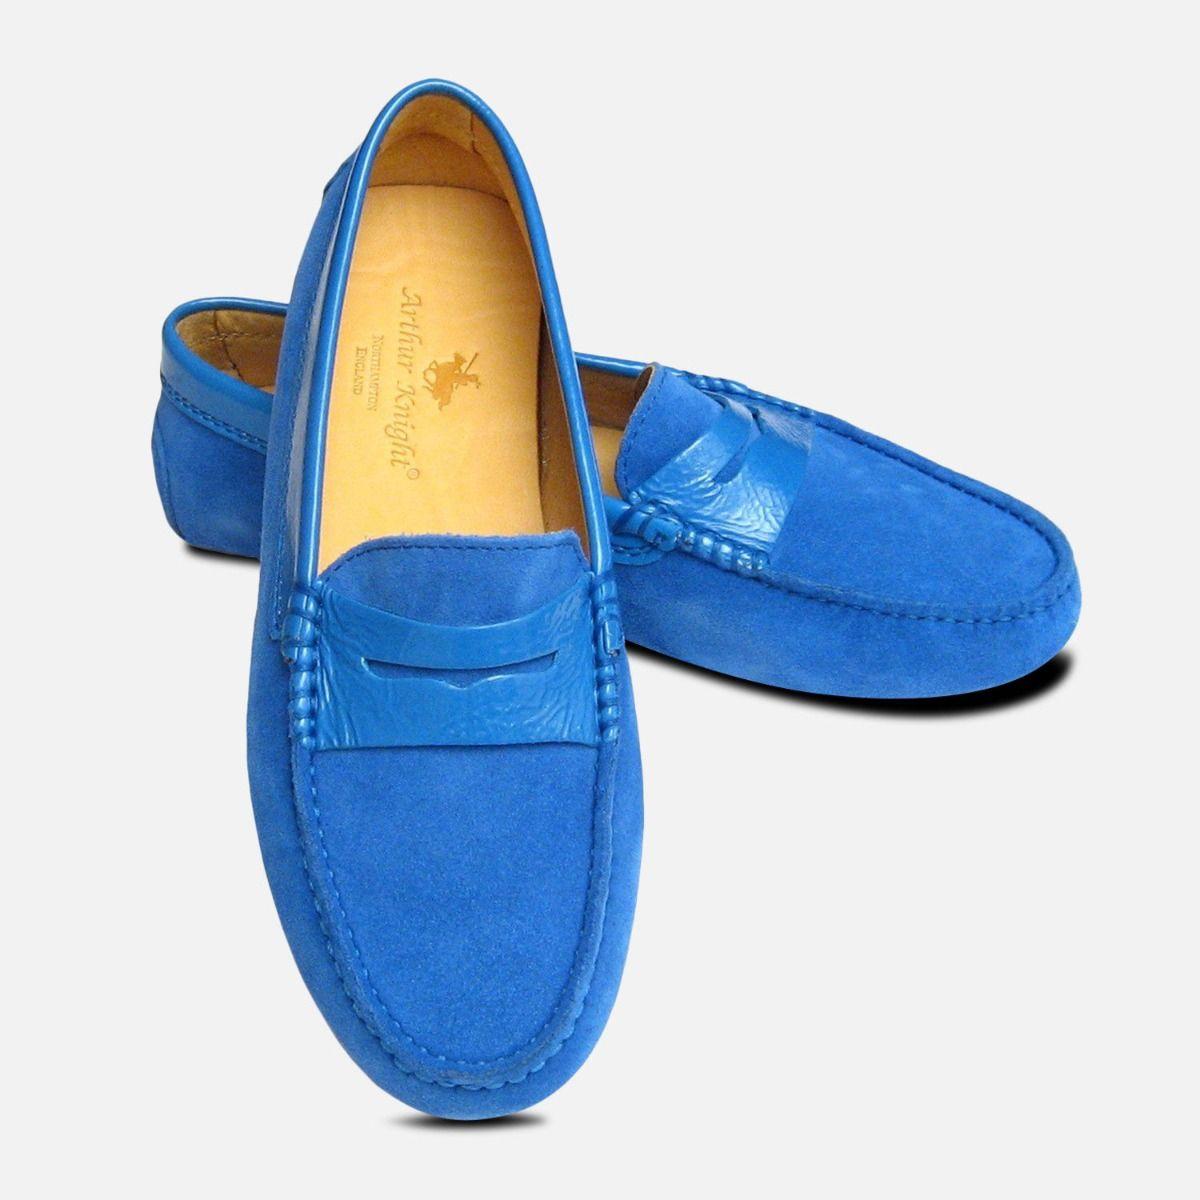 Blue Suede \u0026 Patent Arthur Knight